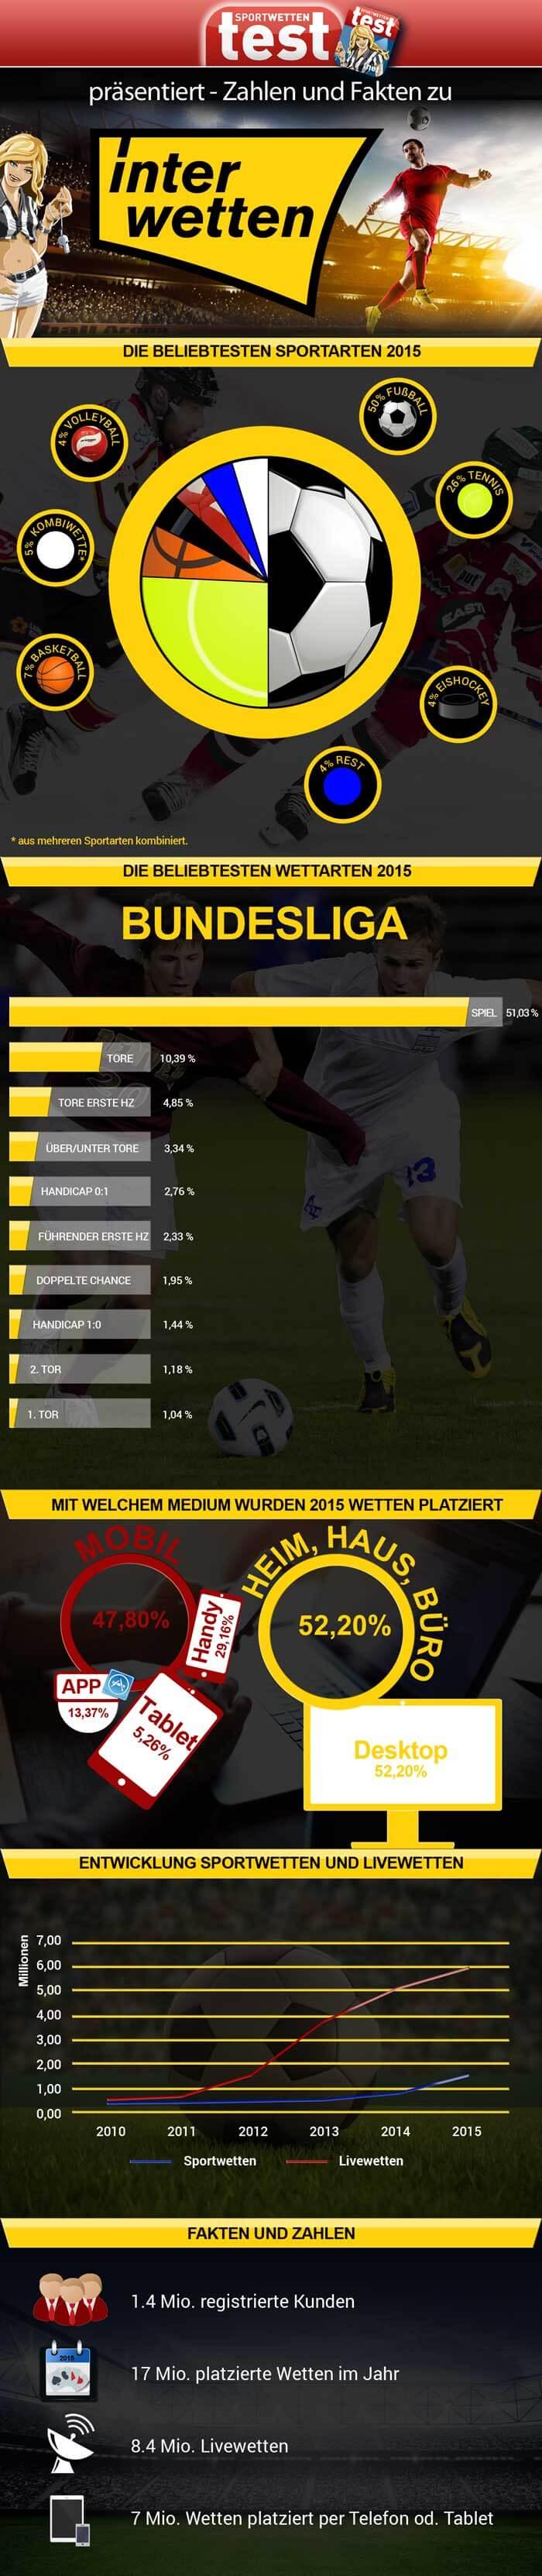 Infografik Interwetten Zahlen und Fakten https://www.sportwettentest.net